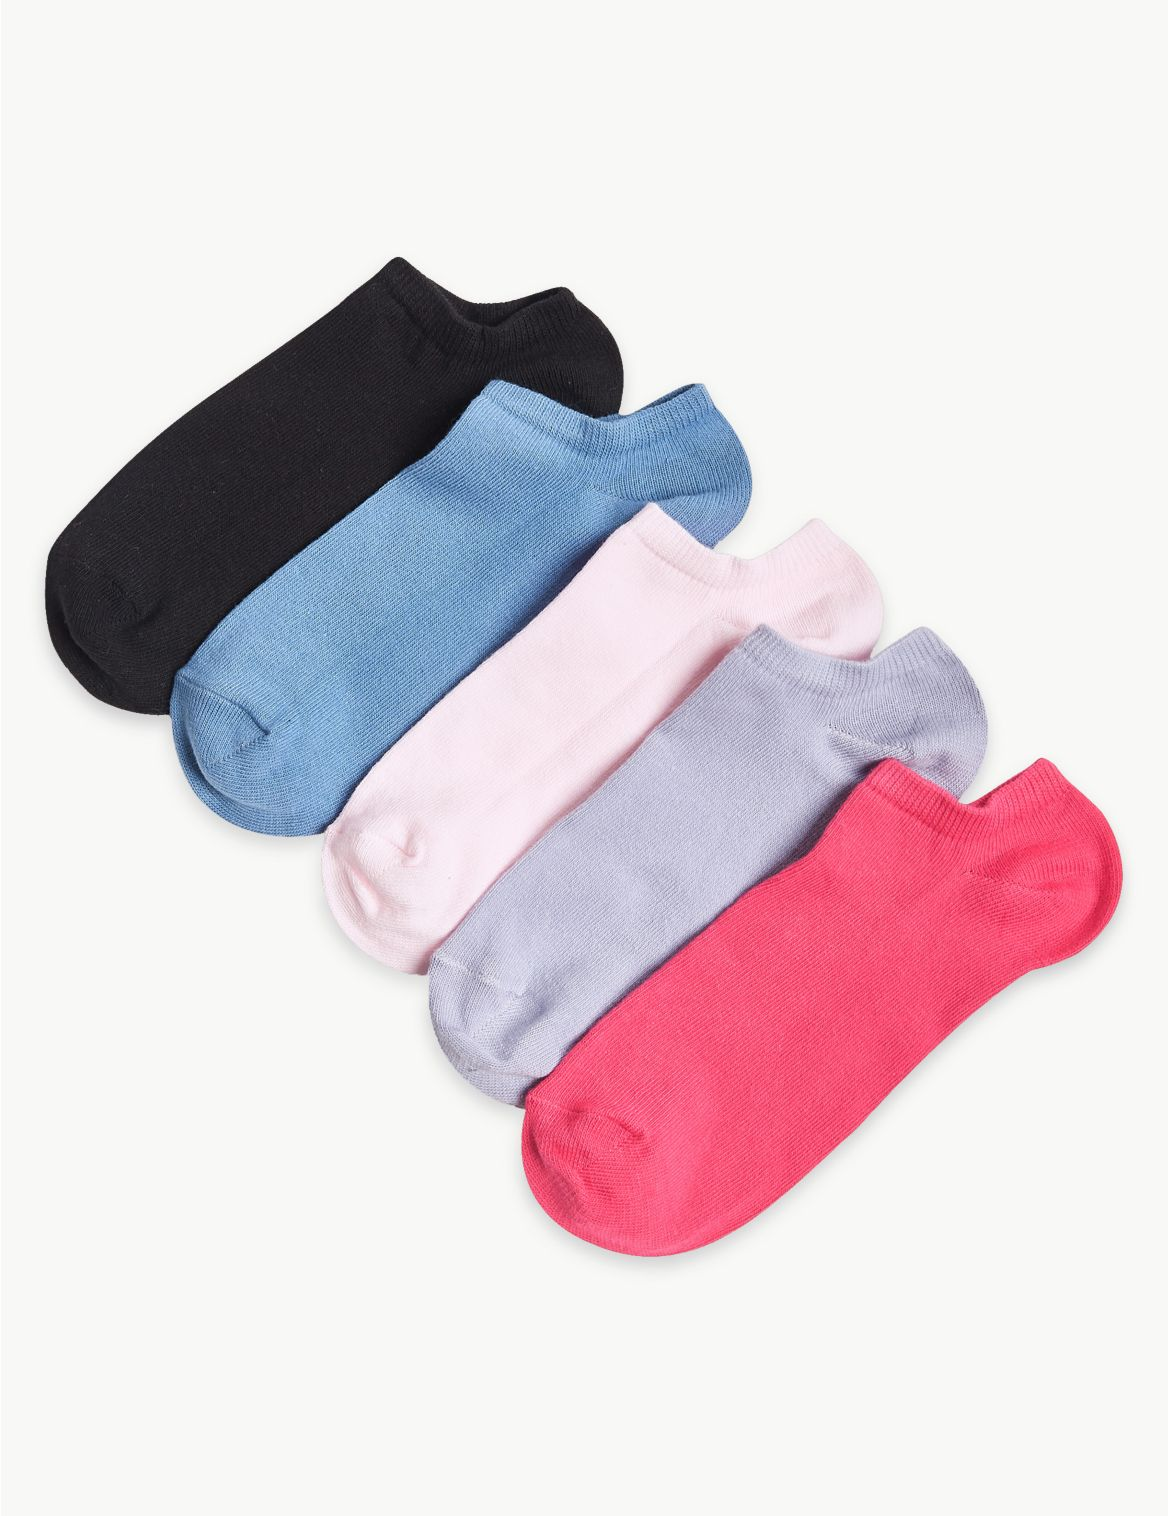 Lot de 5paires de socquettes de sport. StyleForme du produit:Chaussettes de sport;Tissu extensible